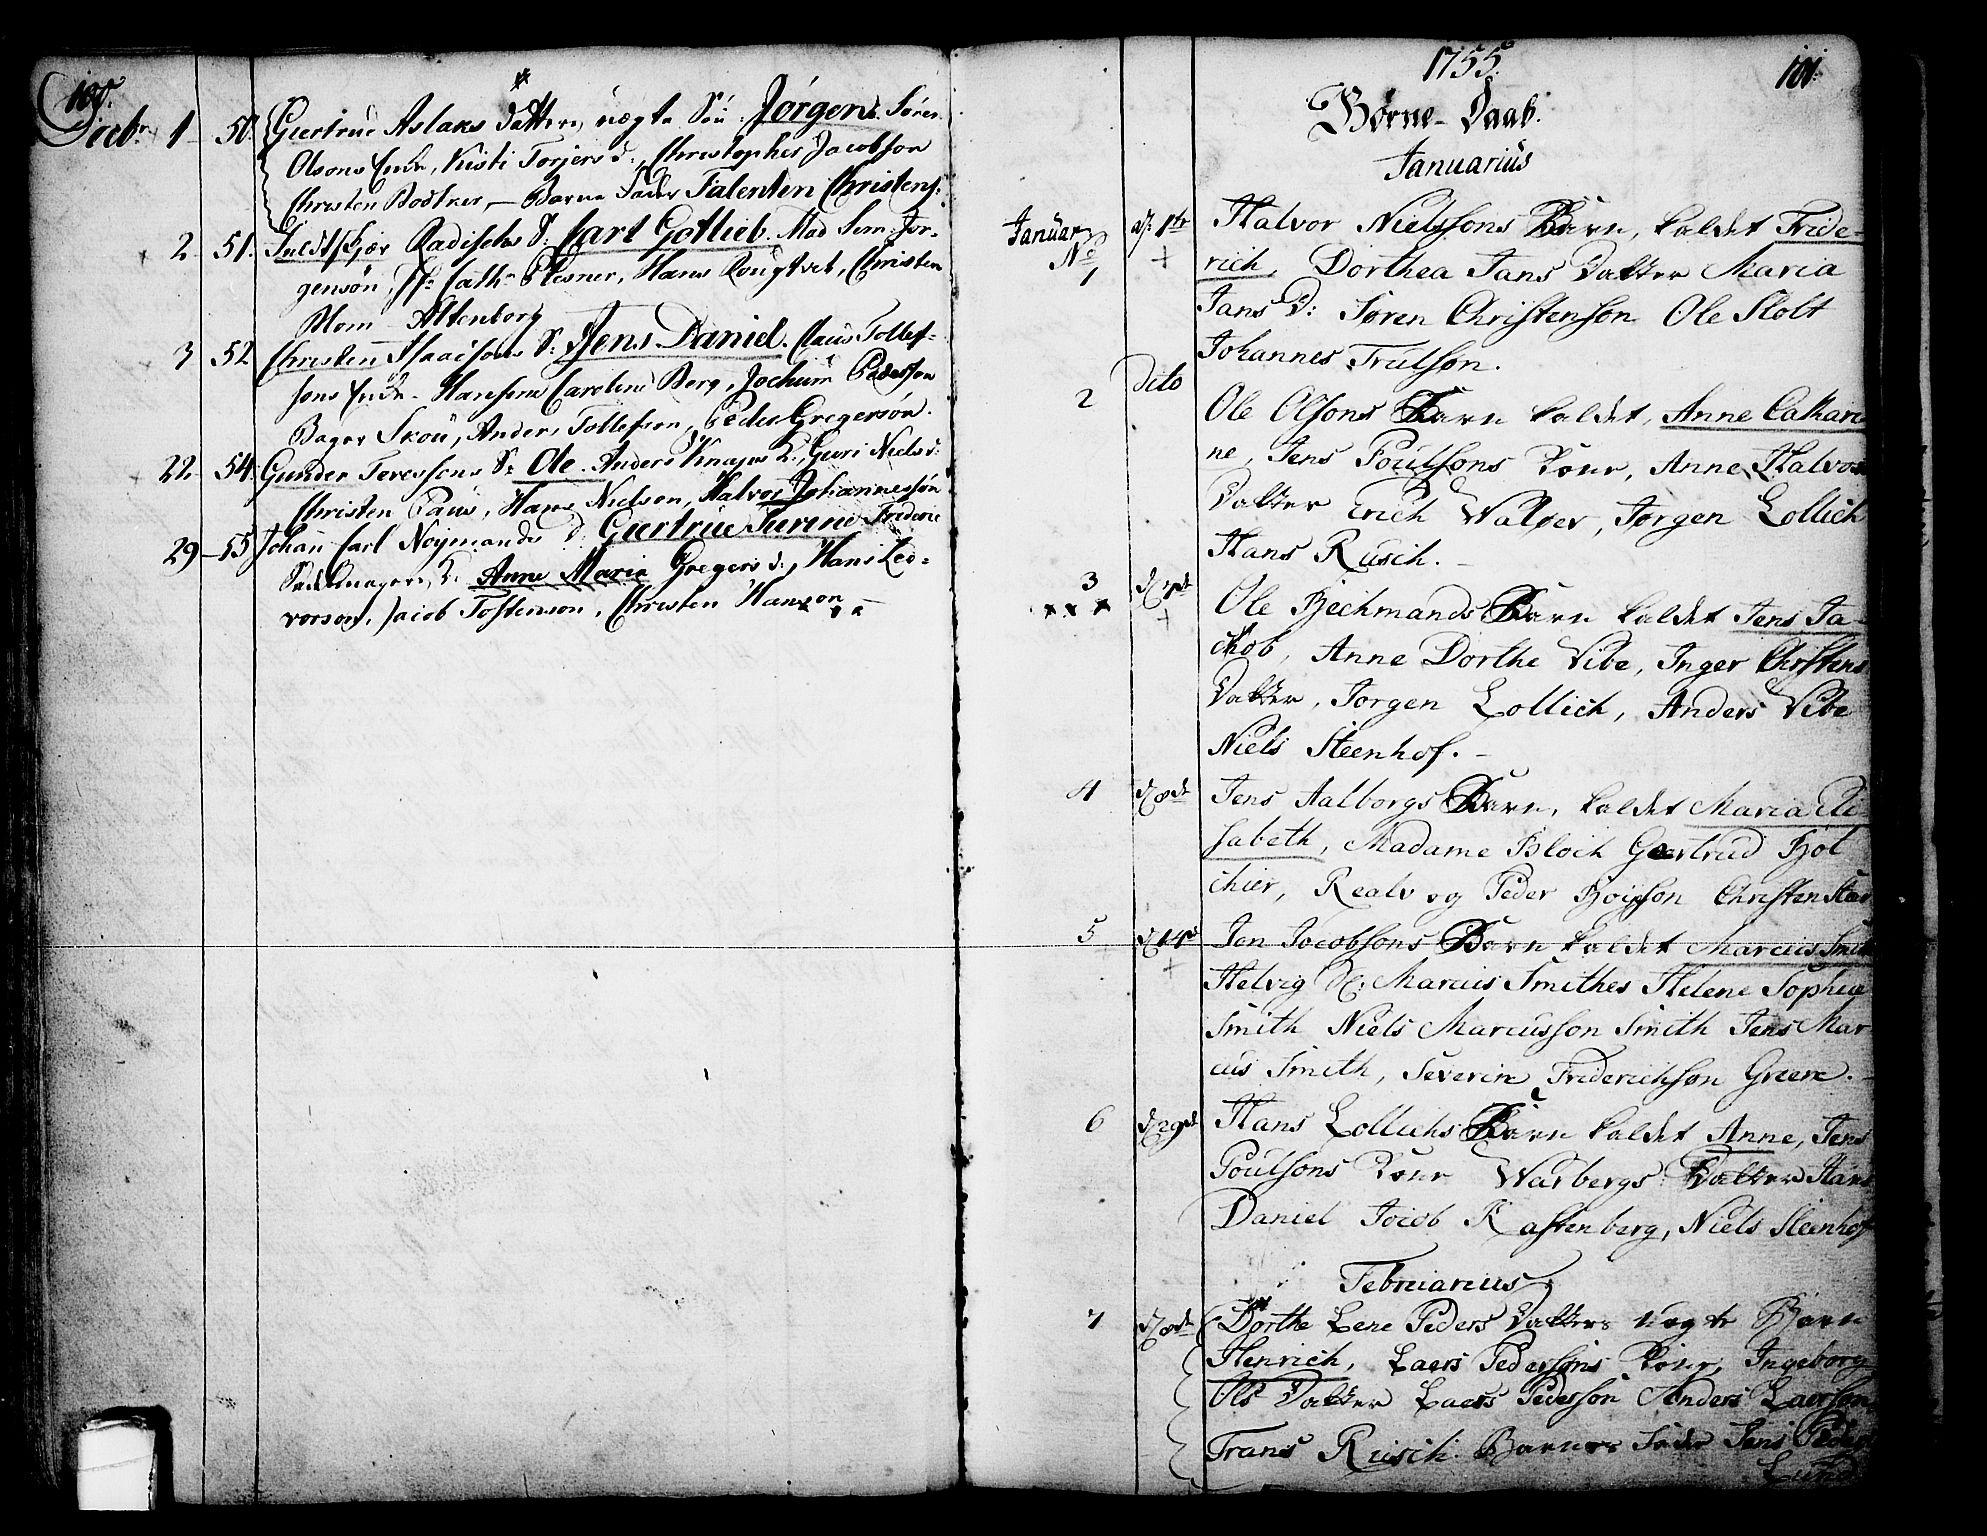 SAKO, Skien kirkebøker, F/Fa/L0003: Ministerialbok nr. 3, 1755-1791, s. 100-101